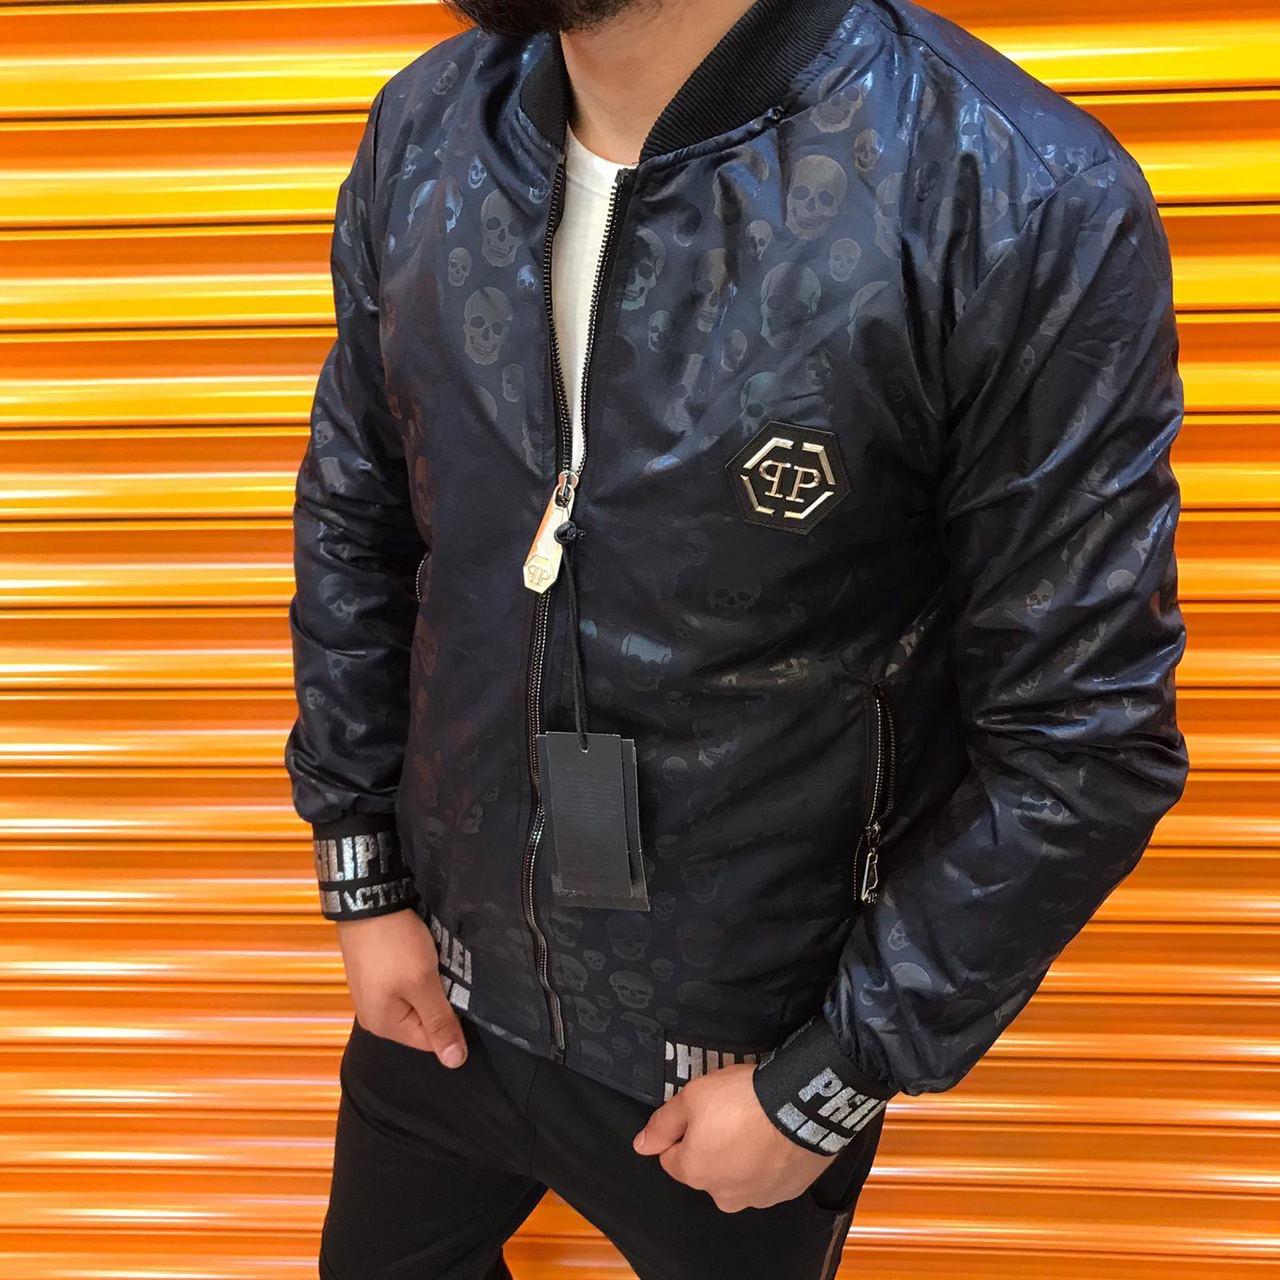 Вітровка Philipp Plein (унісекс), вітровка філіп плей, вітровка філіп плейн, куртка Philipp Plein куртка PP